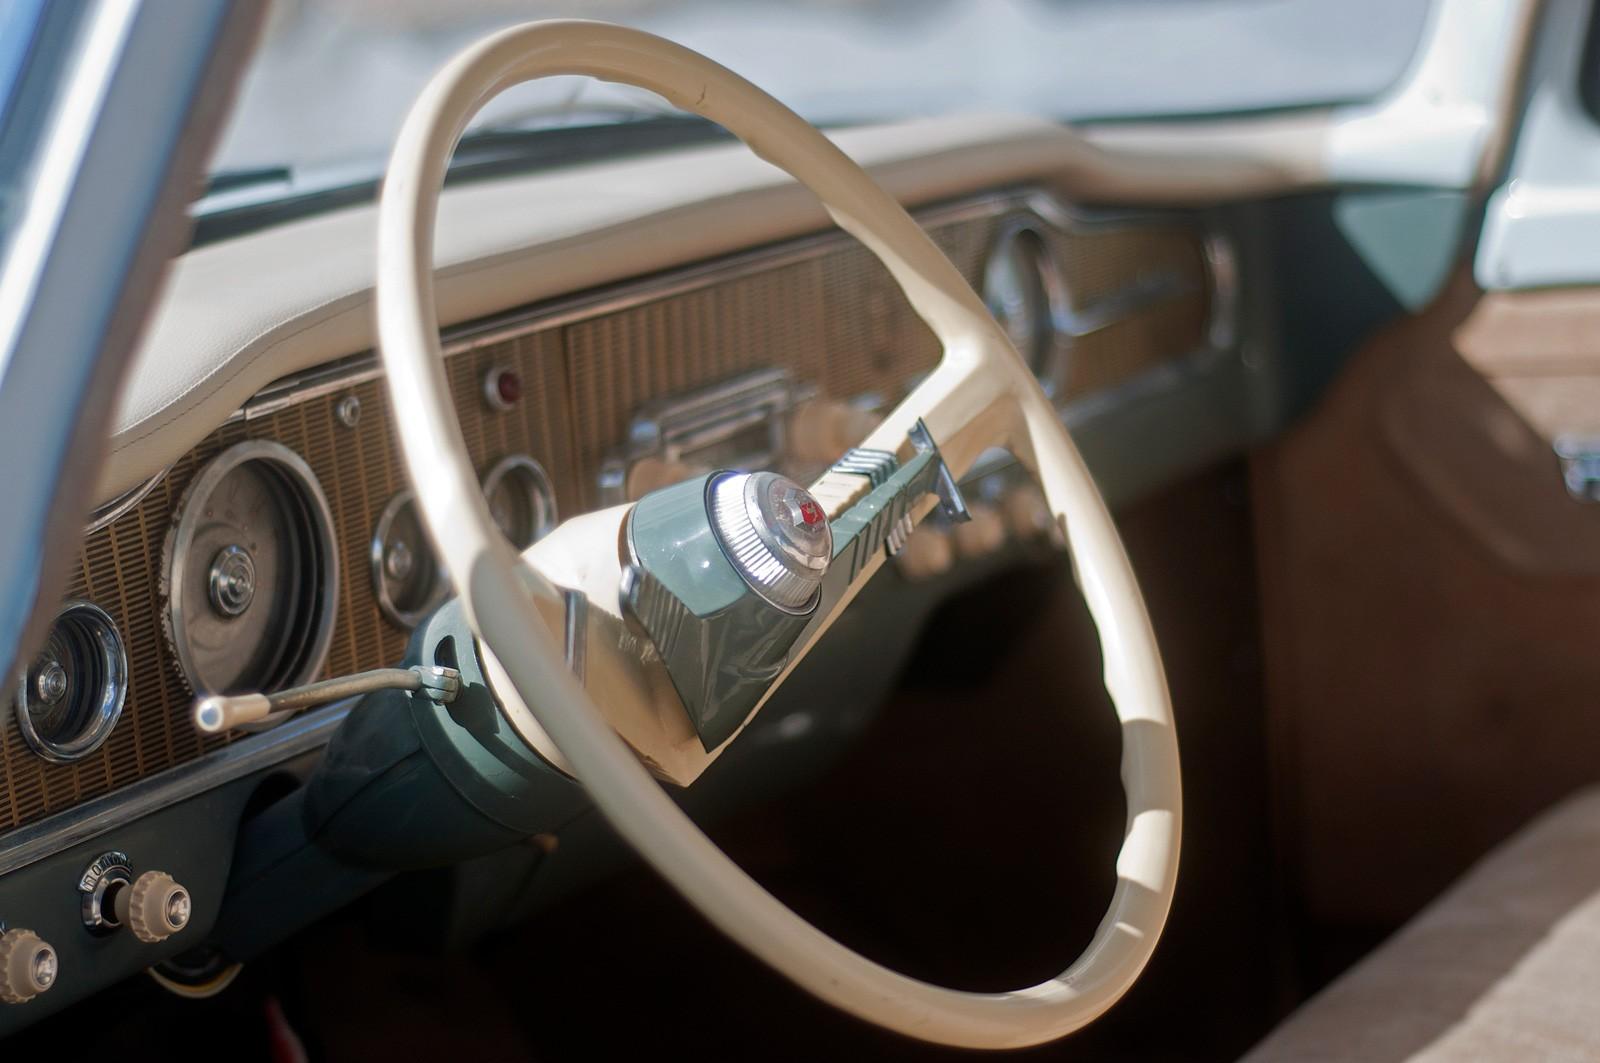 И вязнут спицы расписные: тест-драйв ГАЗ-13 Чайка 1974 года